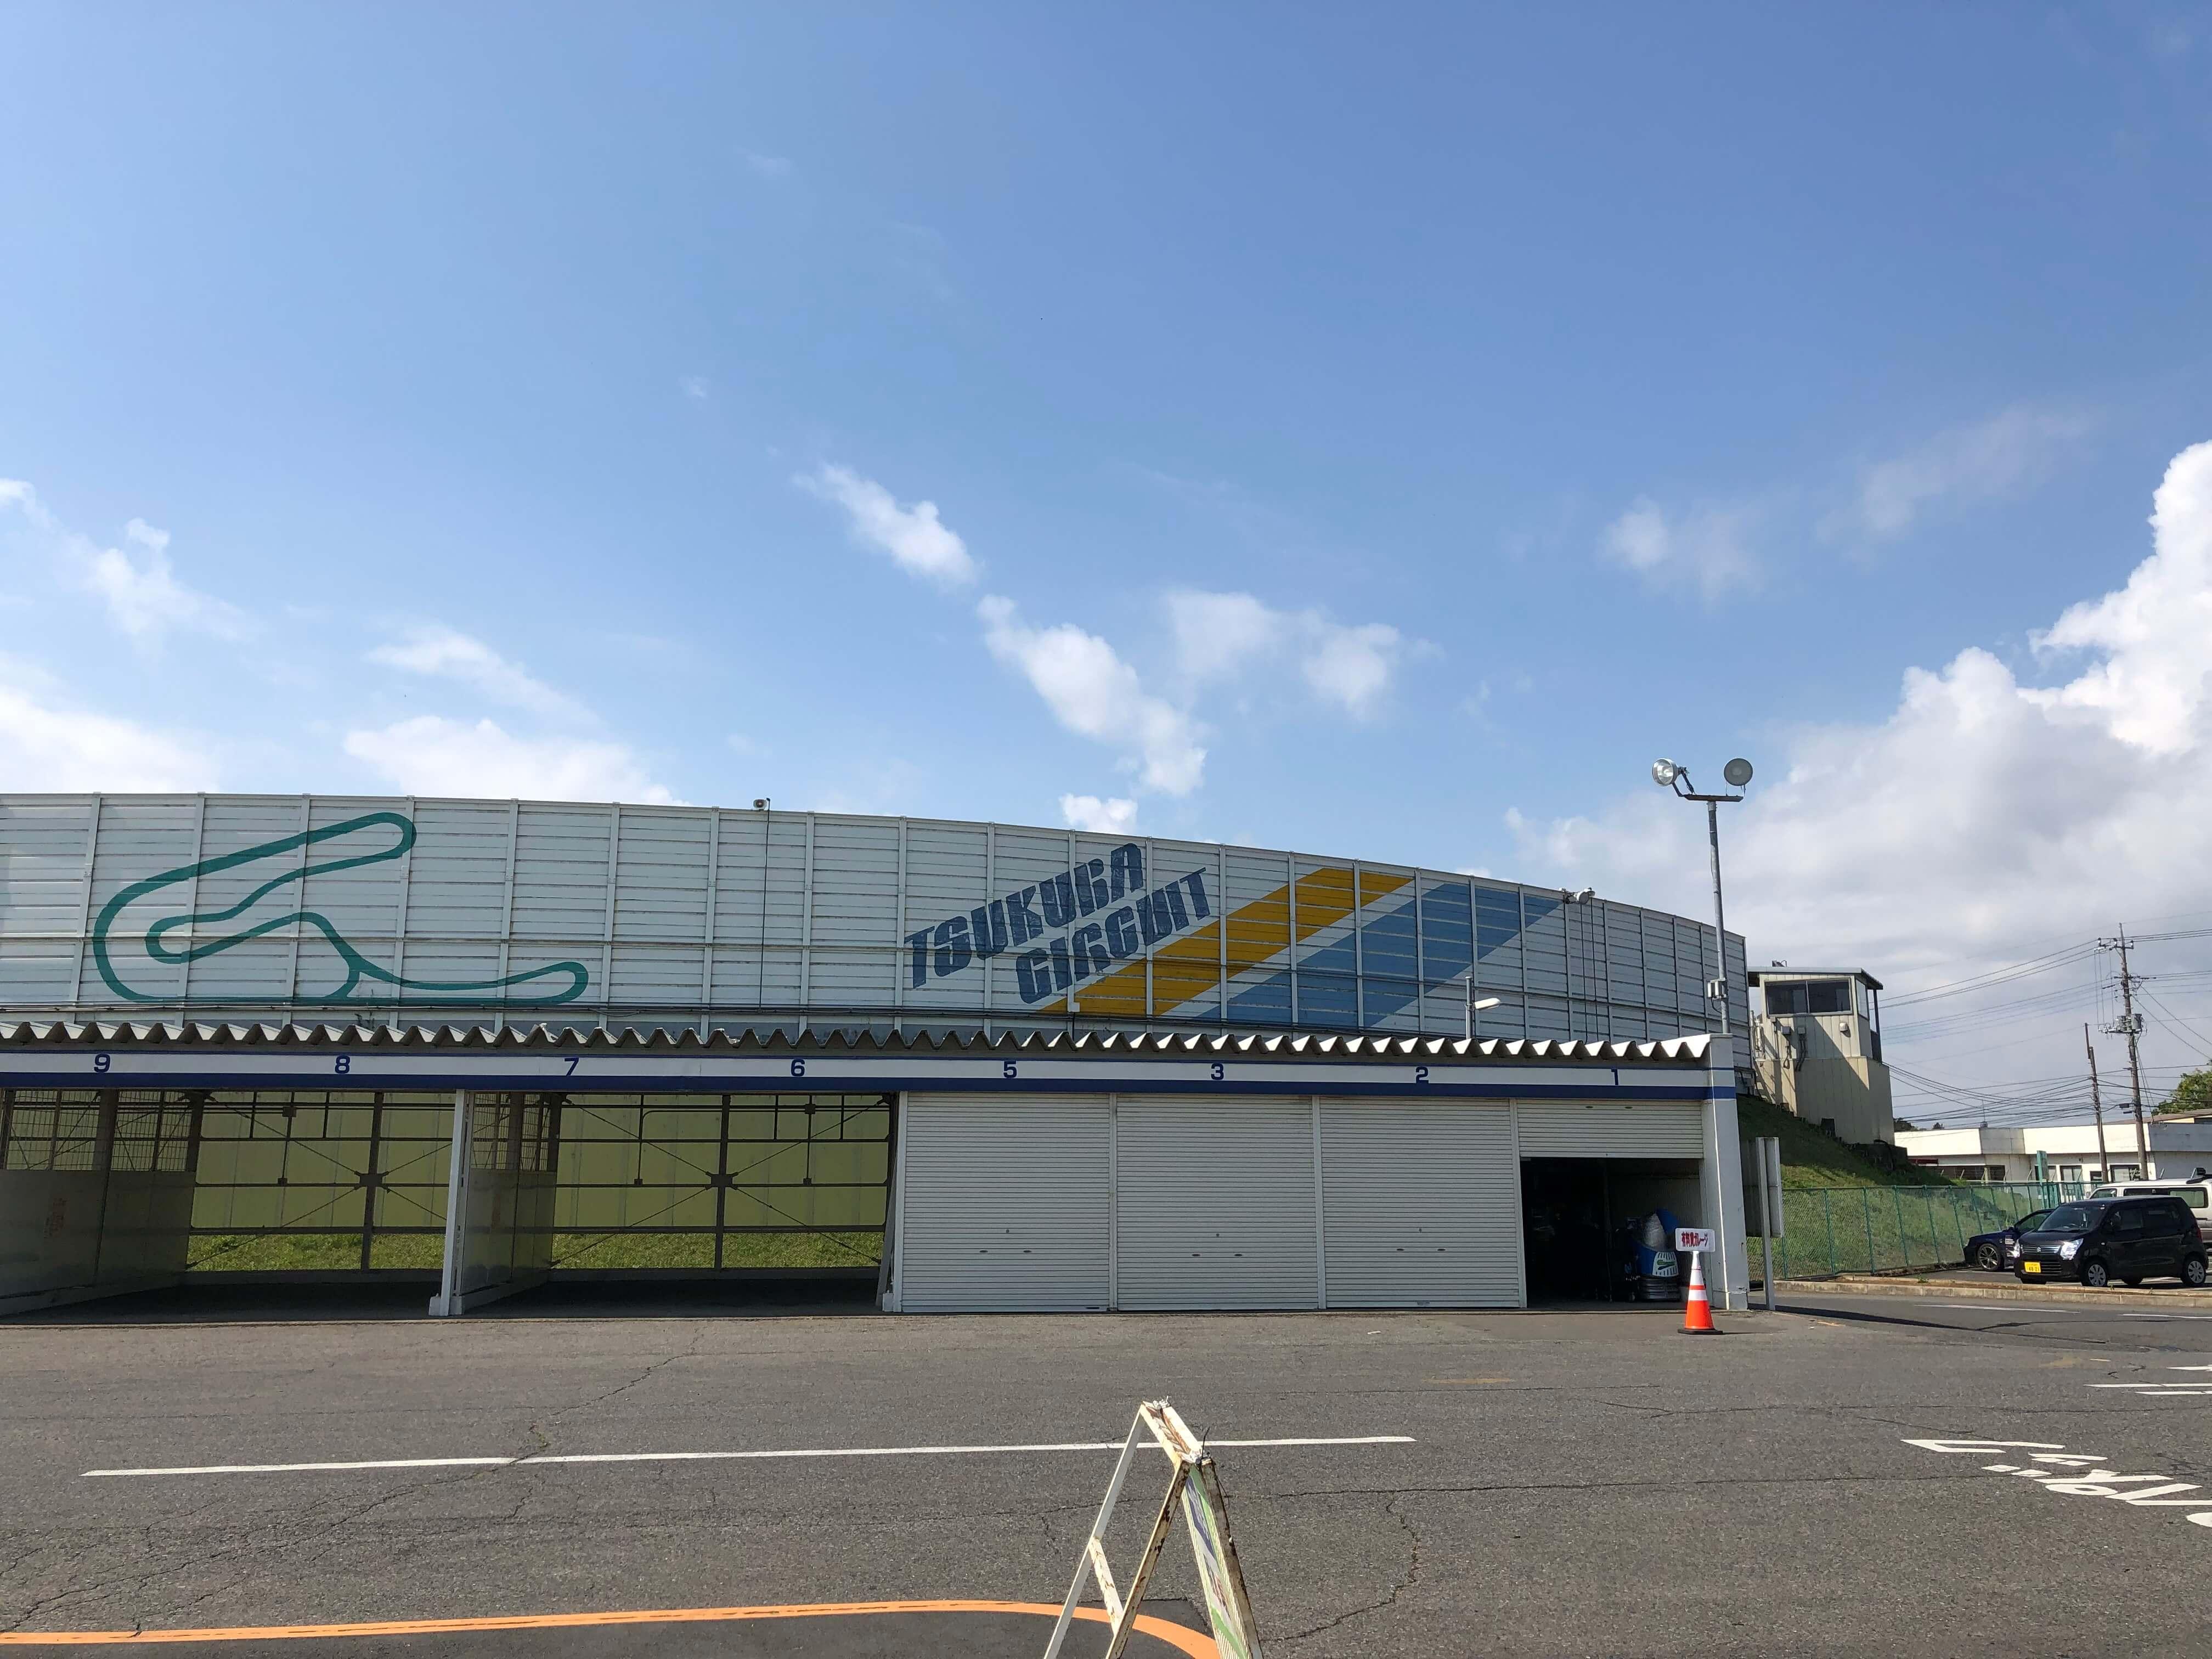 筑波サーキットライセンス駐車場開催場所